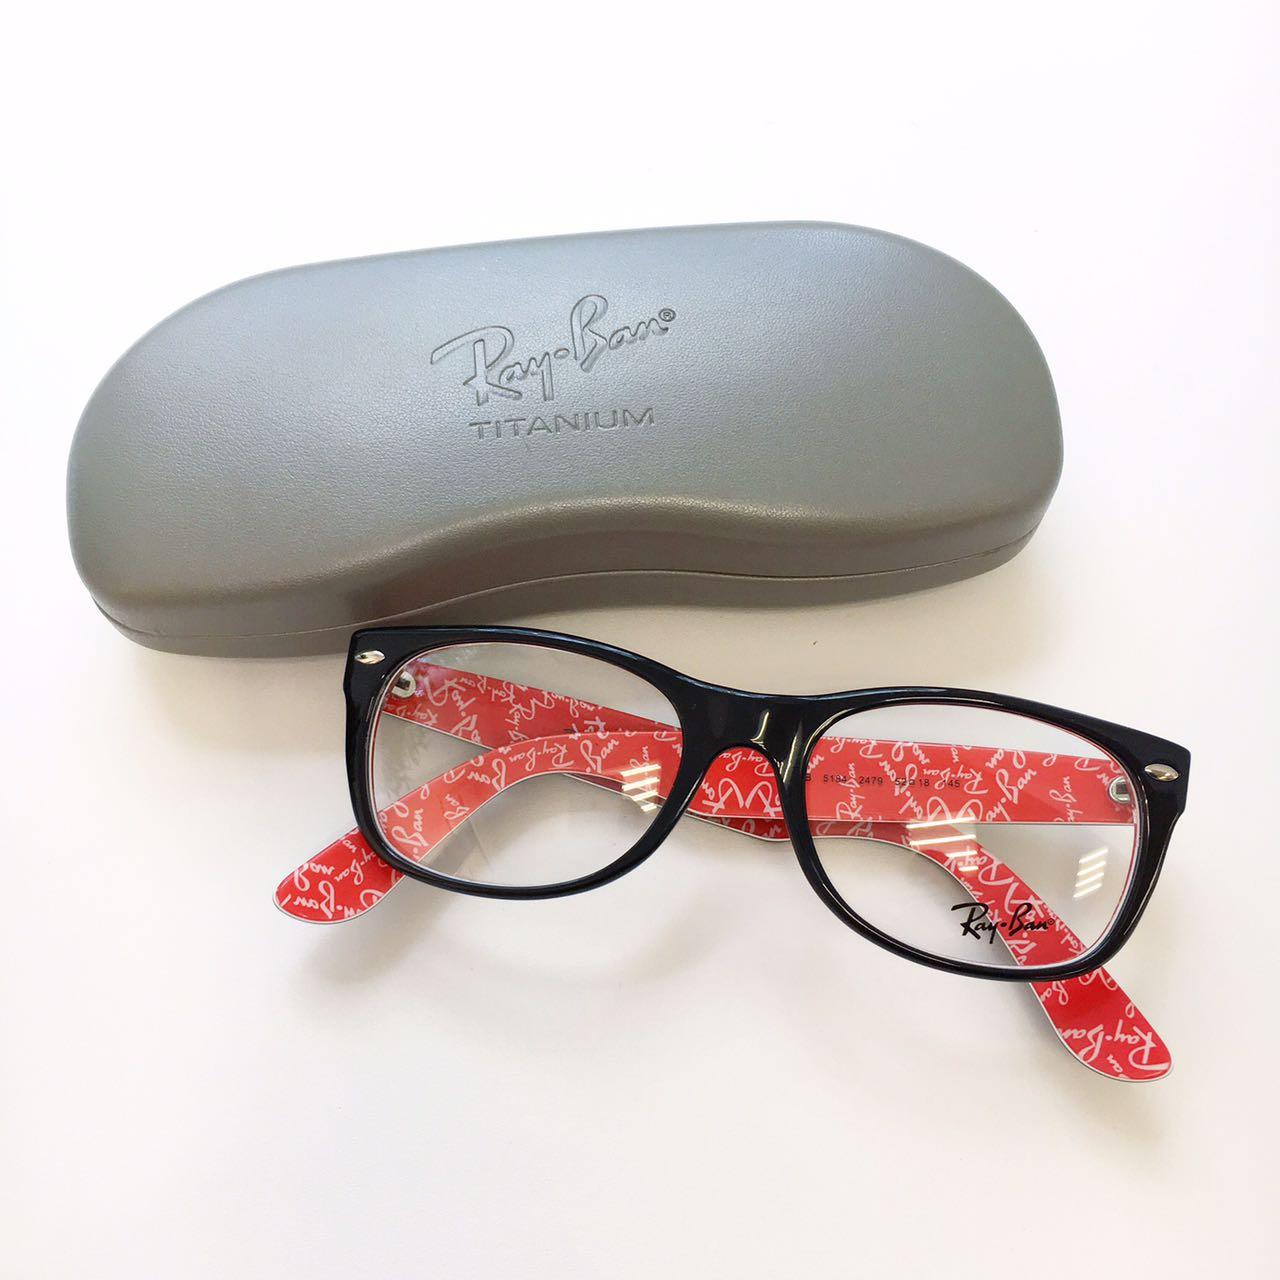 Купить очки гуглес с пробегом в подольск заглушка для камеры combo по выгодной цене